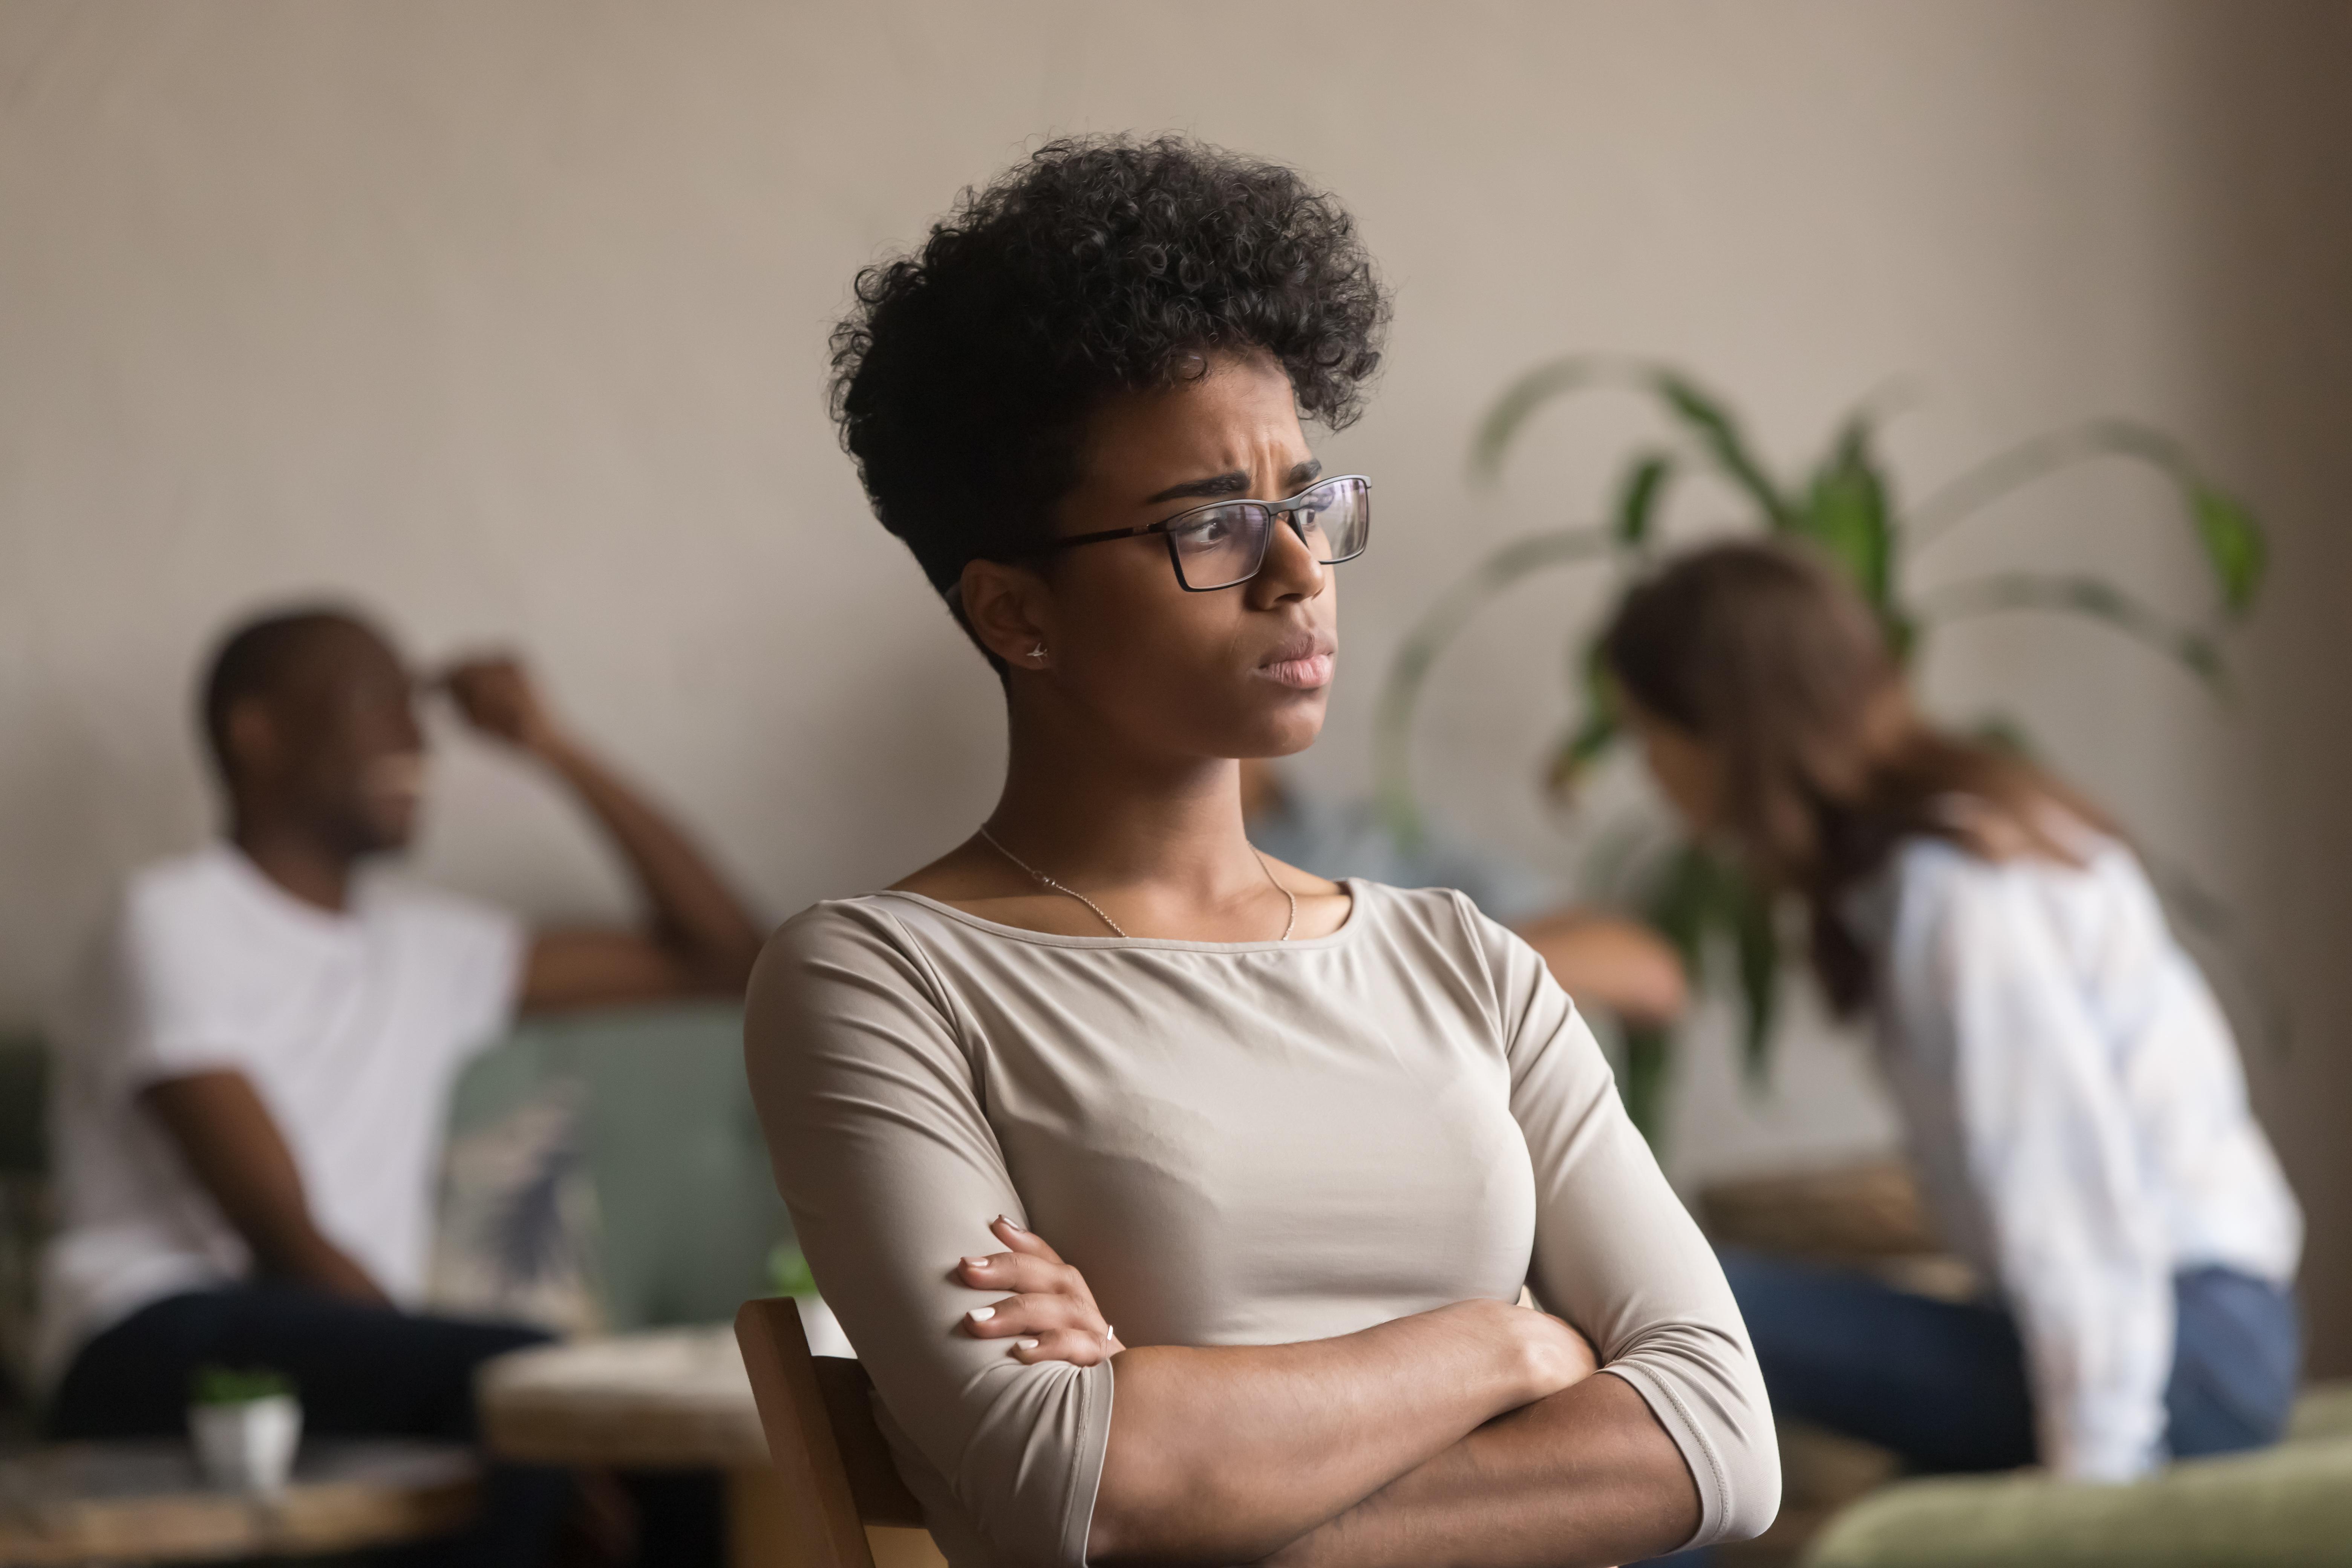 Personer med social fobi lider av ångest i sociala sammanhang vilket kan medföra stora problem i relationer, kompisumgänge och i arbetslivet.